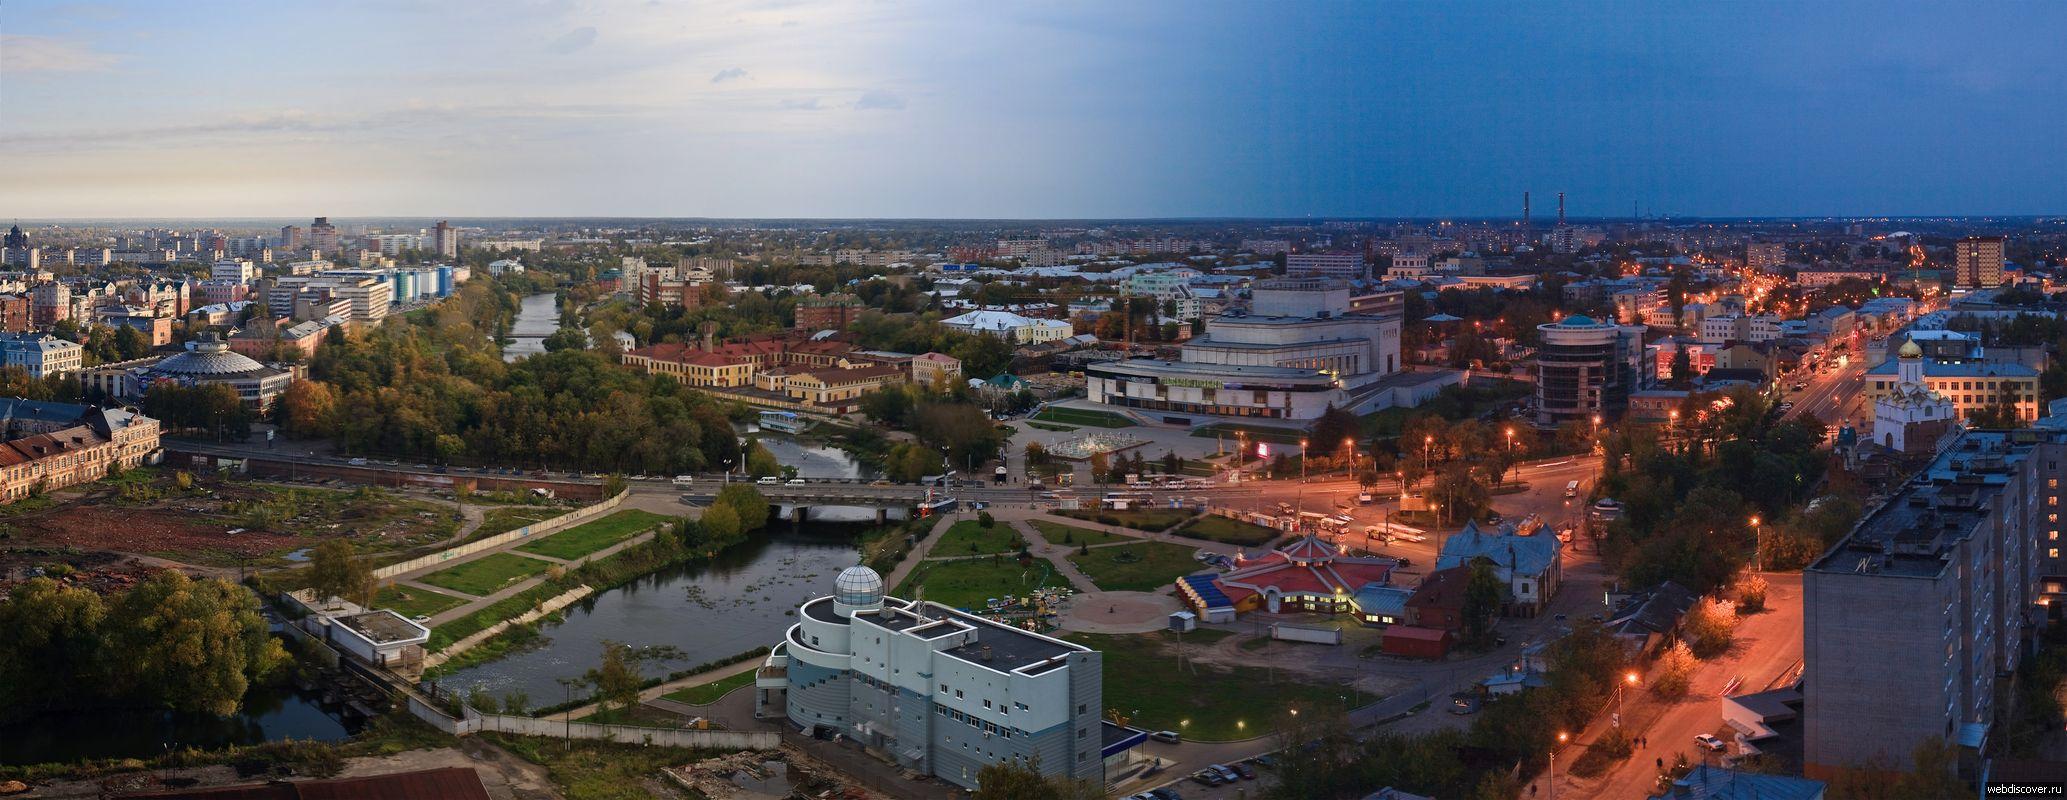 Наш город Иваново